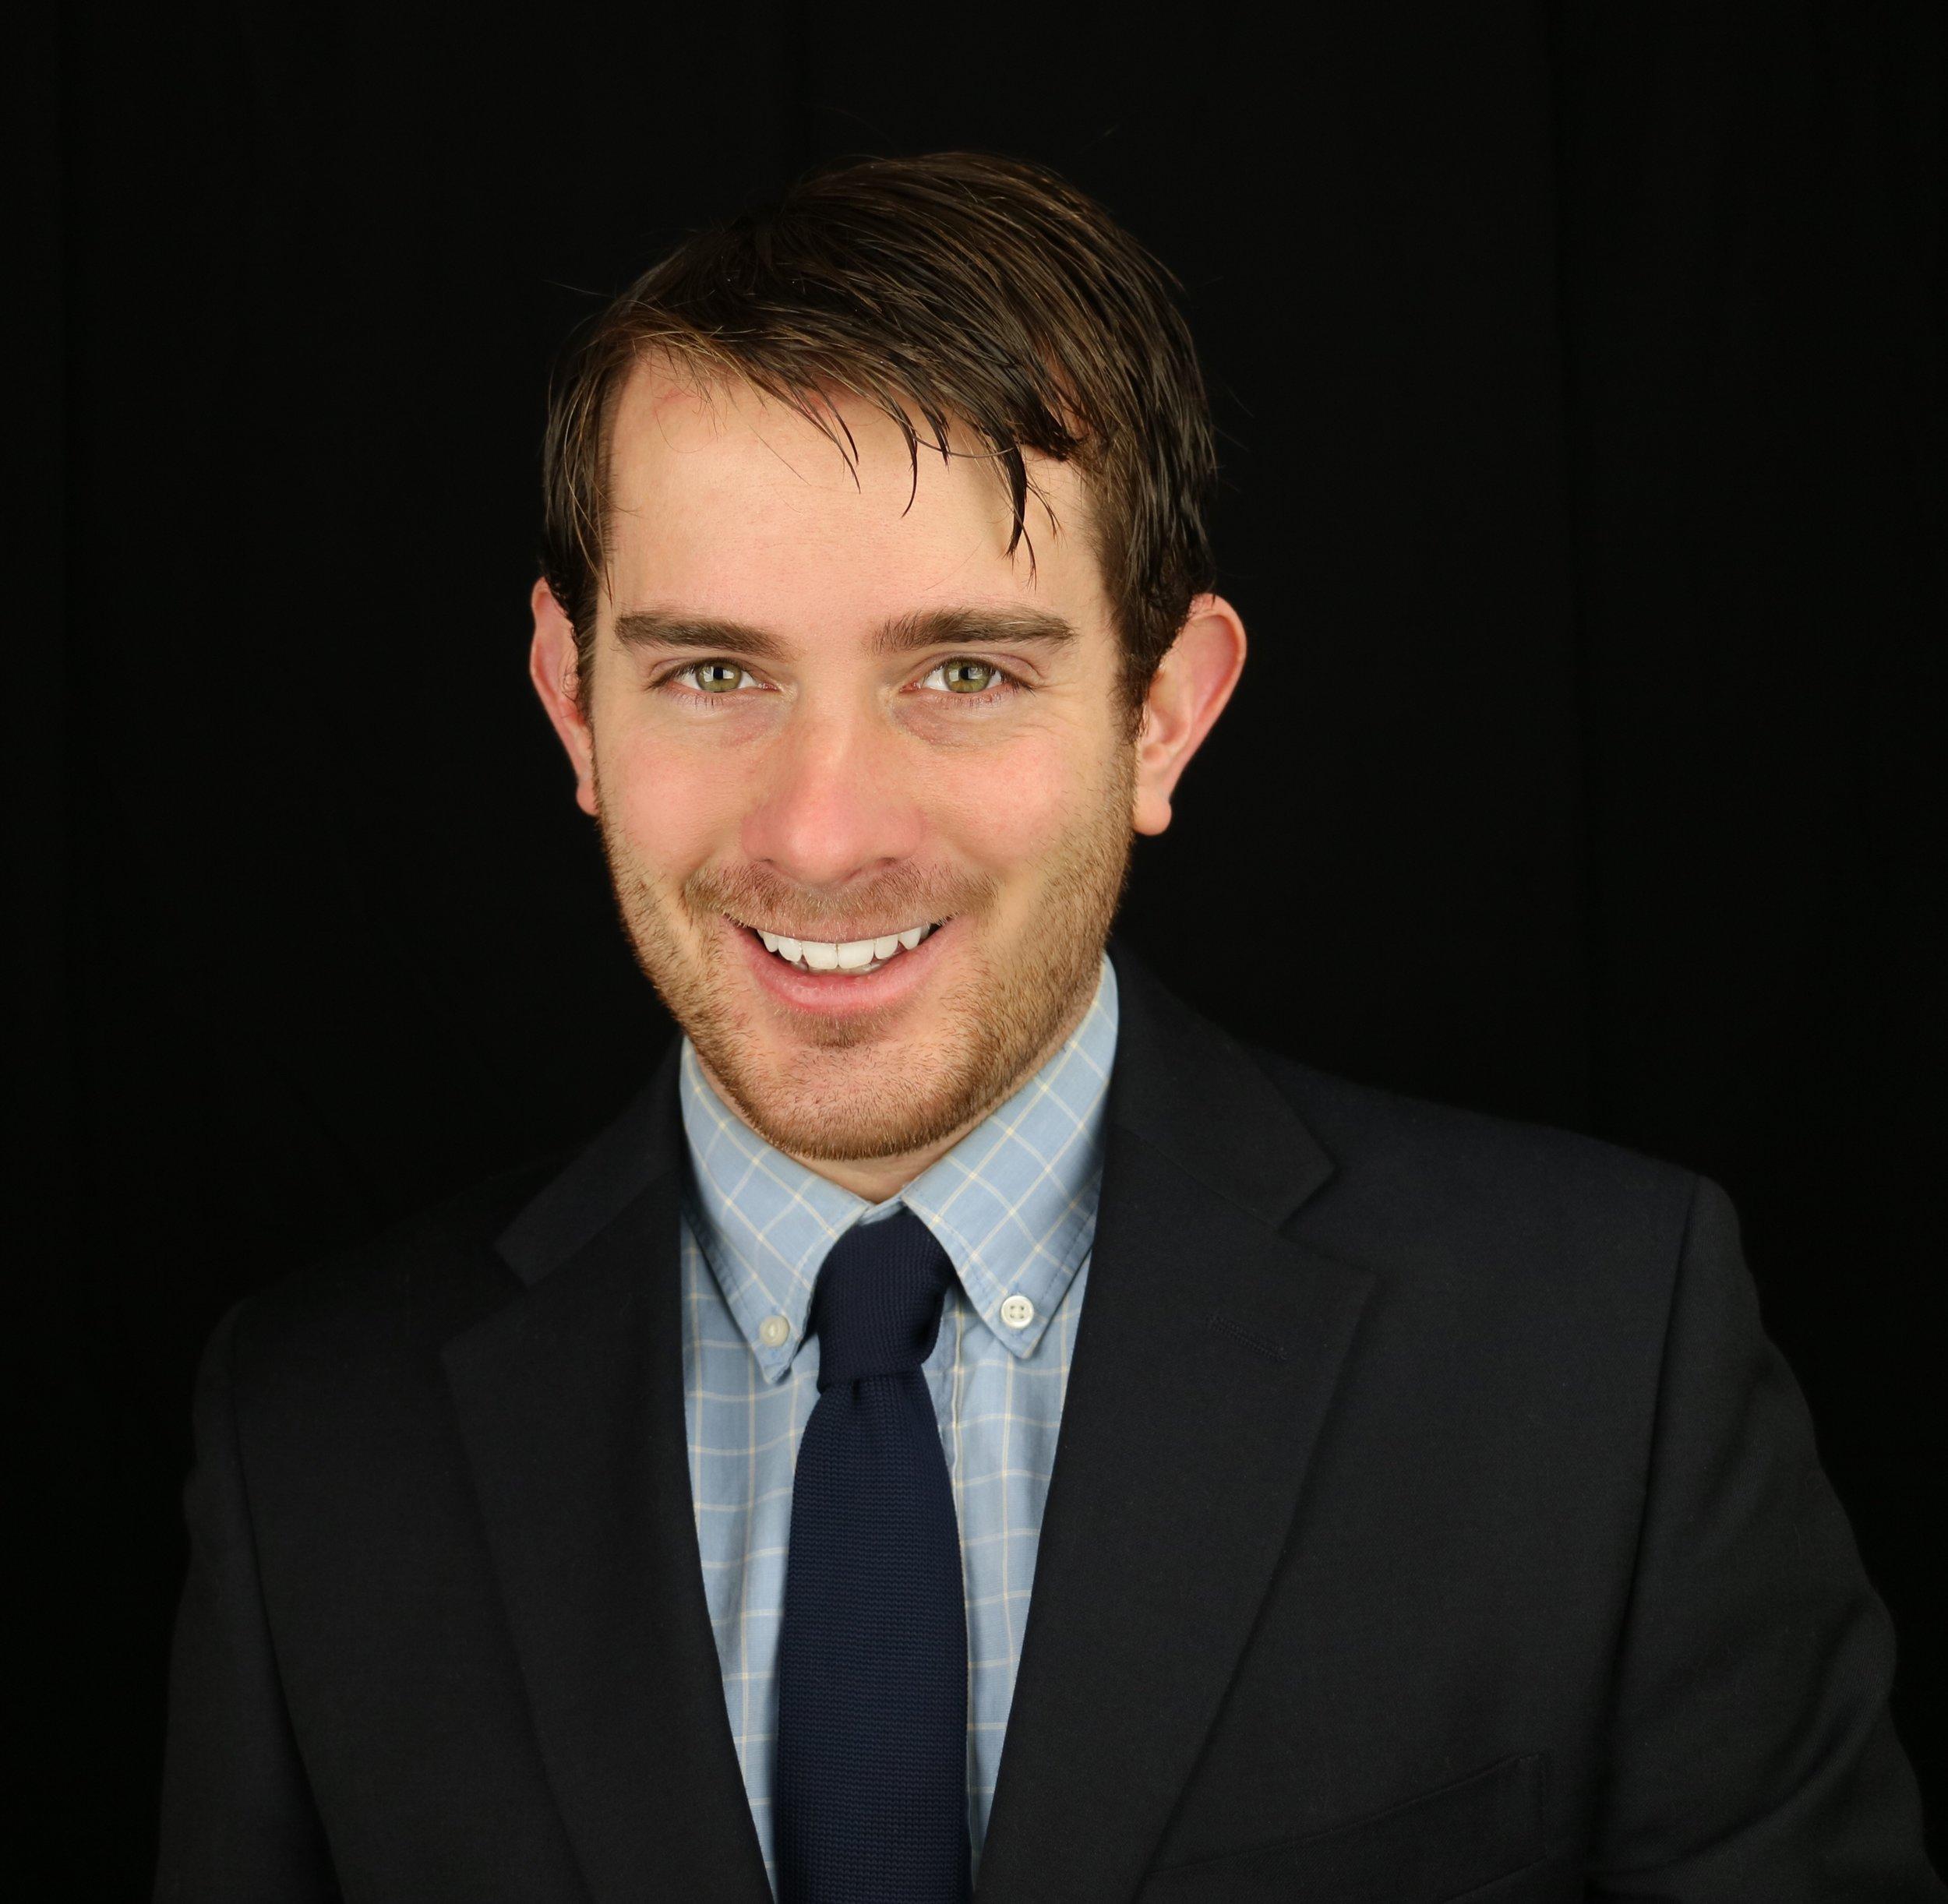 Ryan O'Shea Headshot 2.JPG